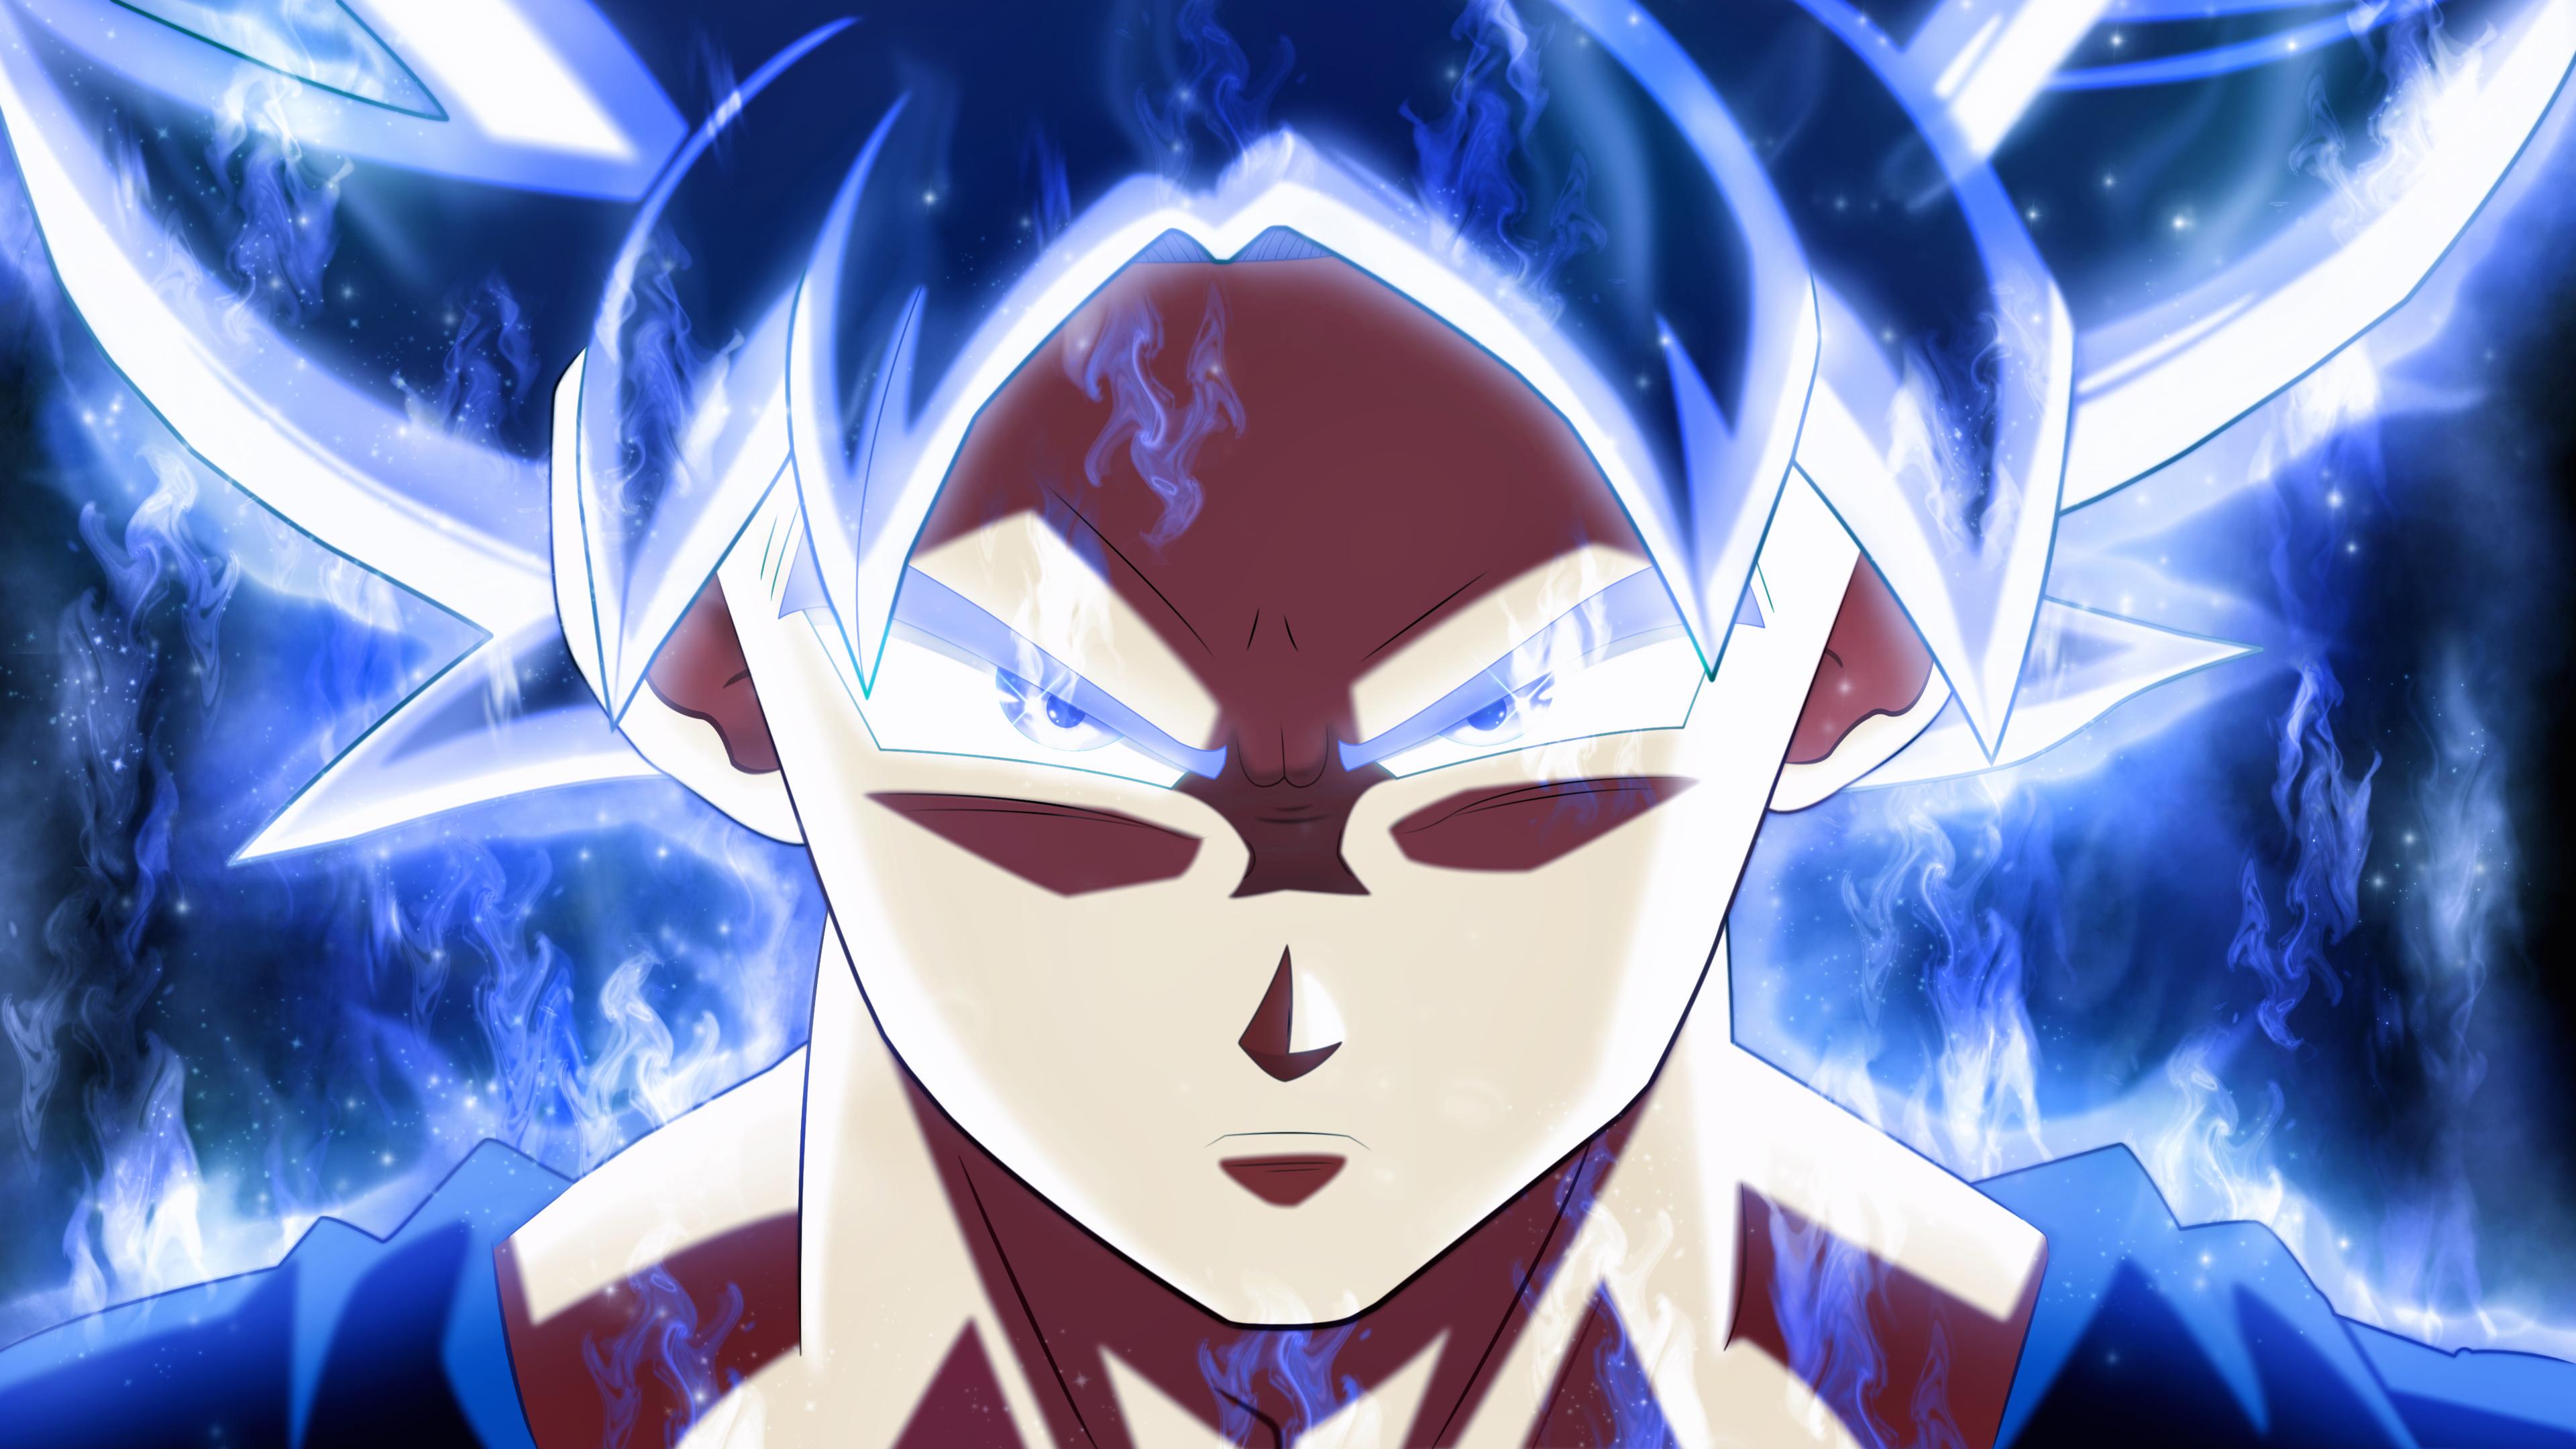 Son Goku Dragon Ball Super 4k, HD Anime, 4k Wallpapers ...